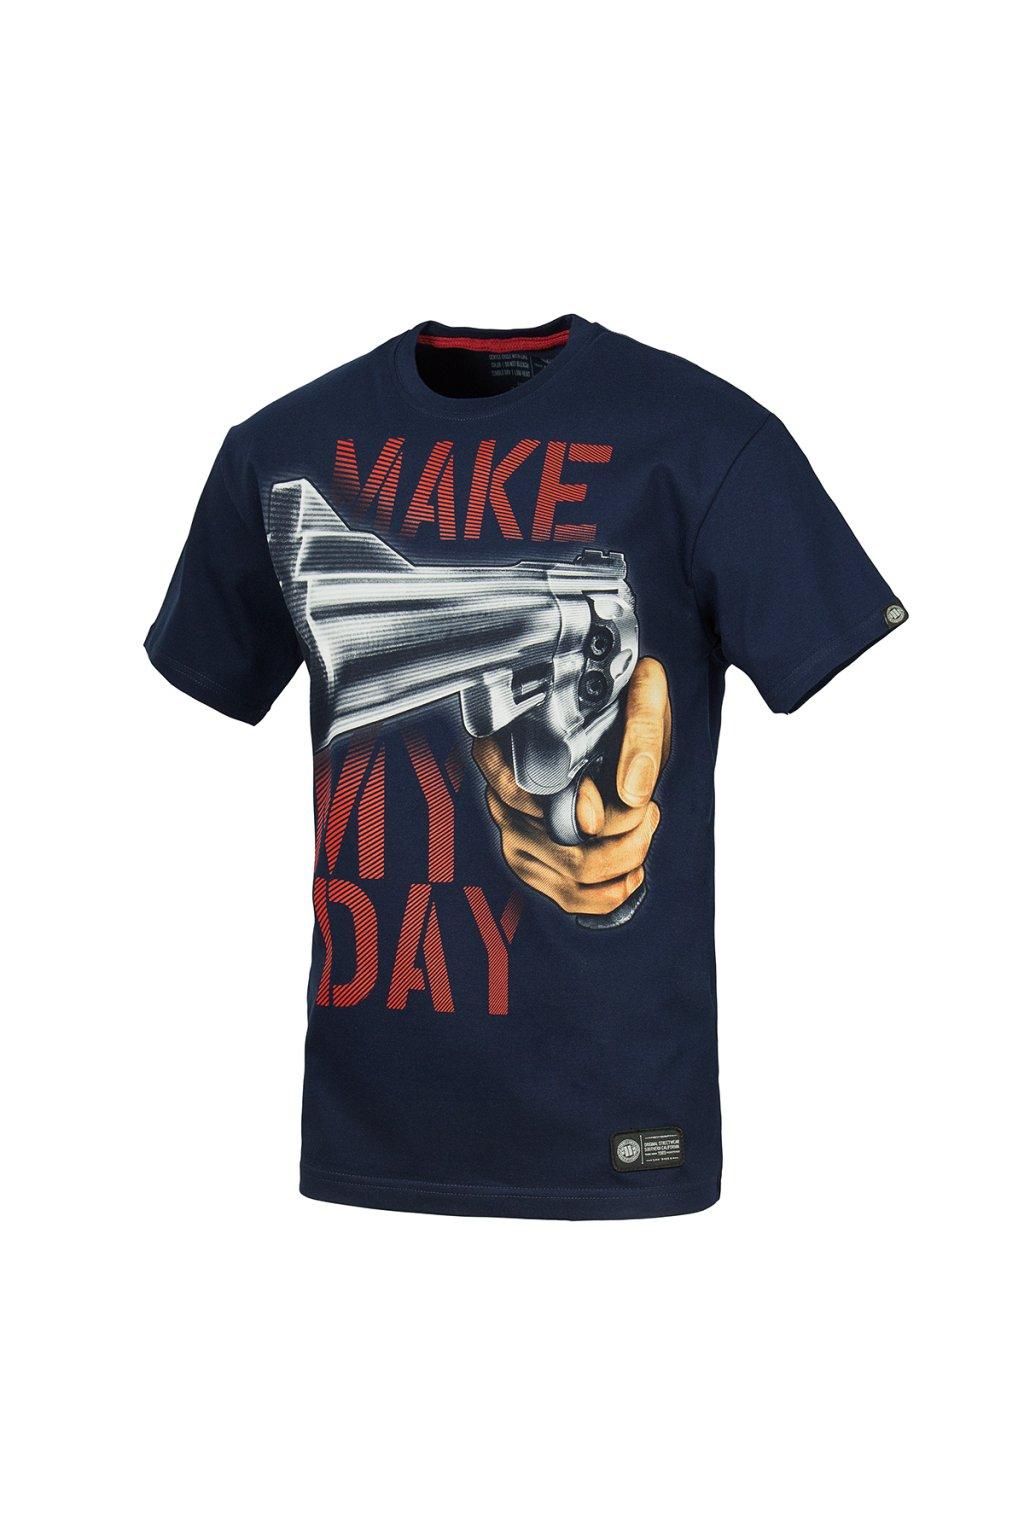 Pánské triko PIT BULL WEST COAST - MAKE MY DAY 16 Navy obr1